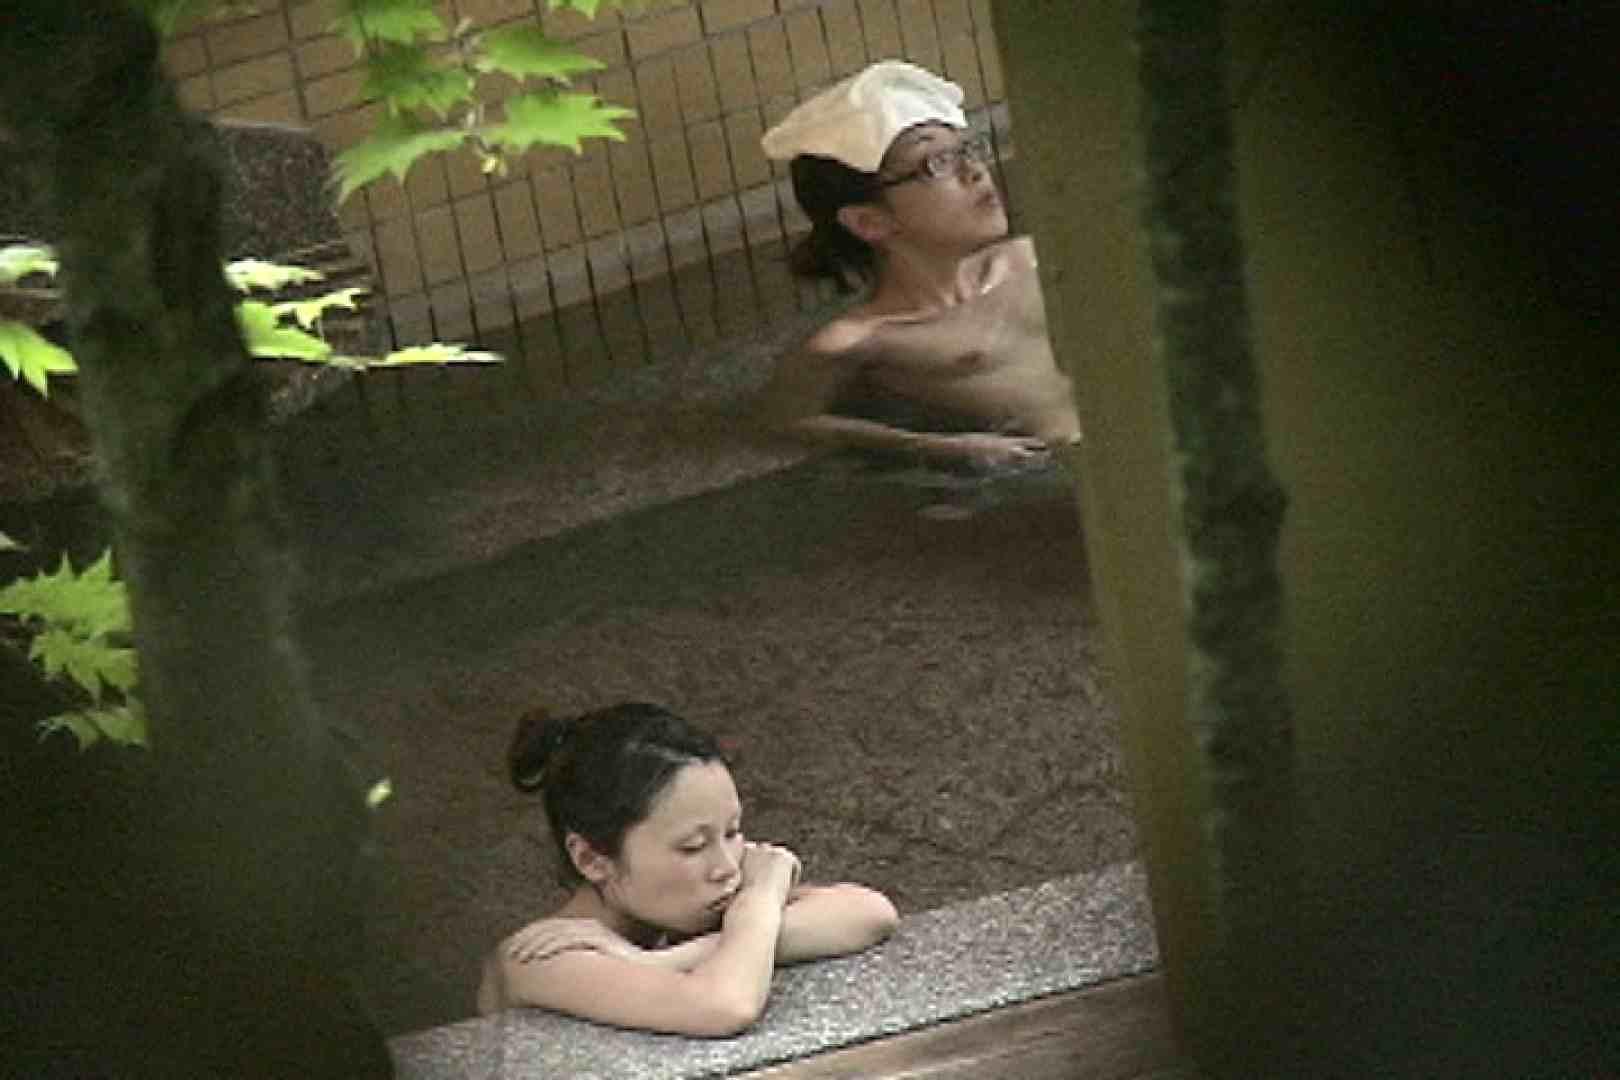 Aquaな露天風呂Vol.707 美しいOLの裸体 ヌード画像 75pic 56